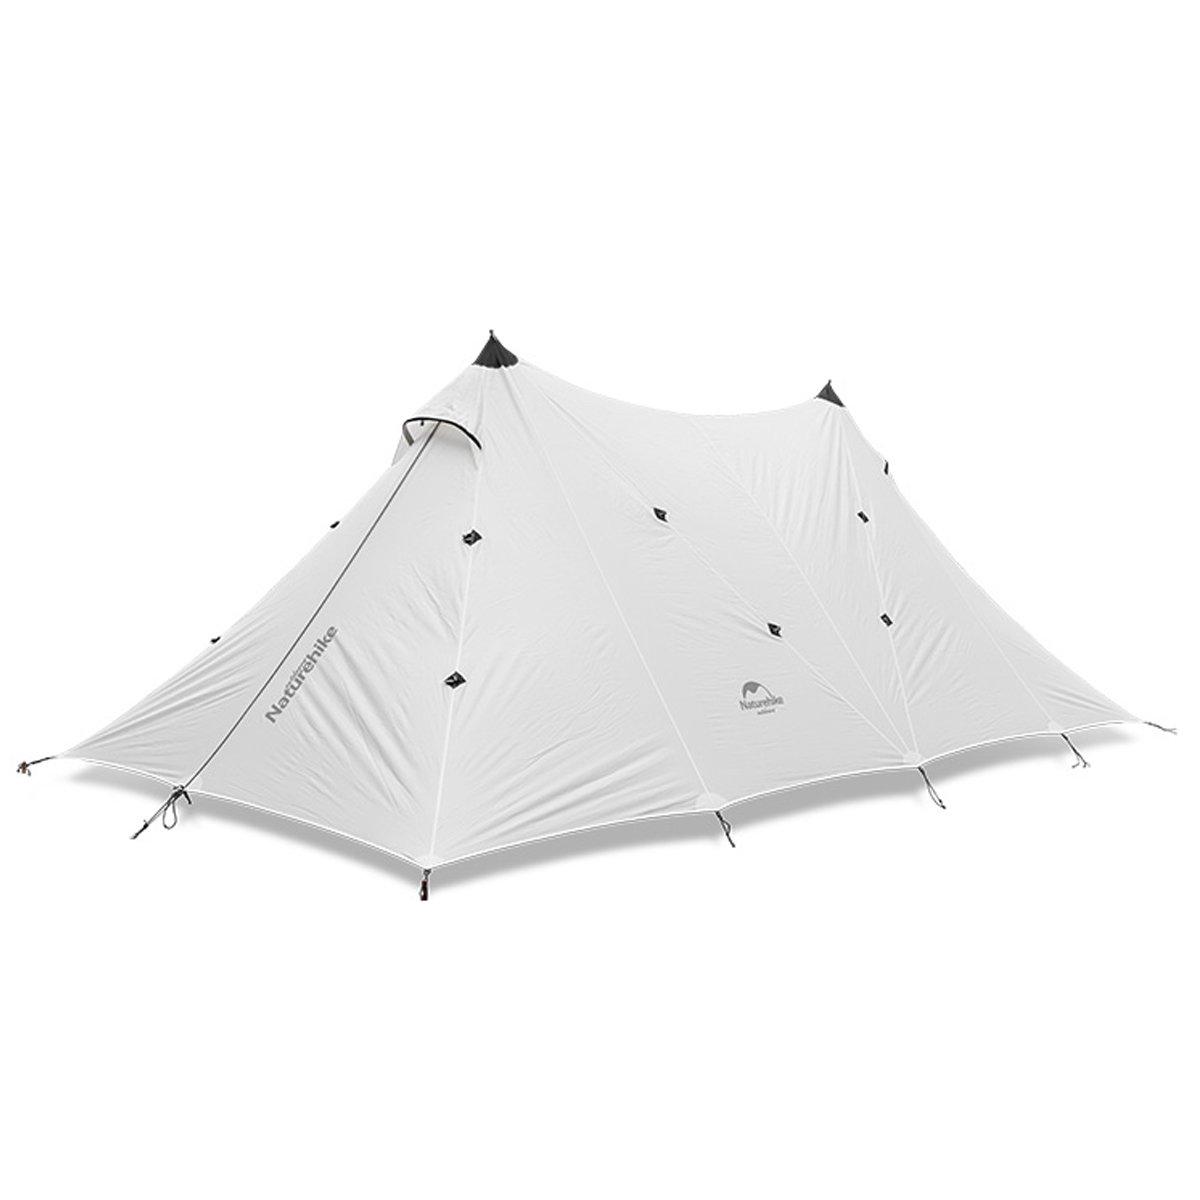 tentock多目的シリコン防雨Twin Peaks LARGEキャノピーforアウトドアサンシェードキャンプテントShelter B077GC7LCP  ホワイト